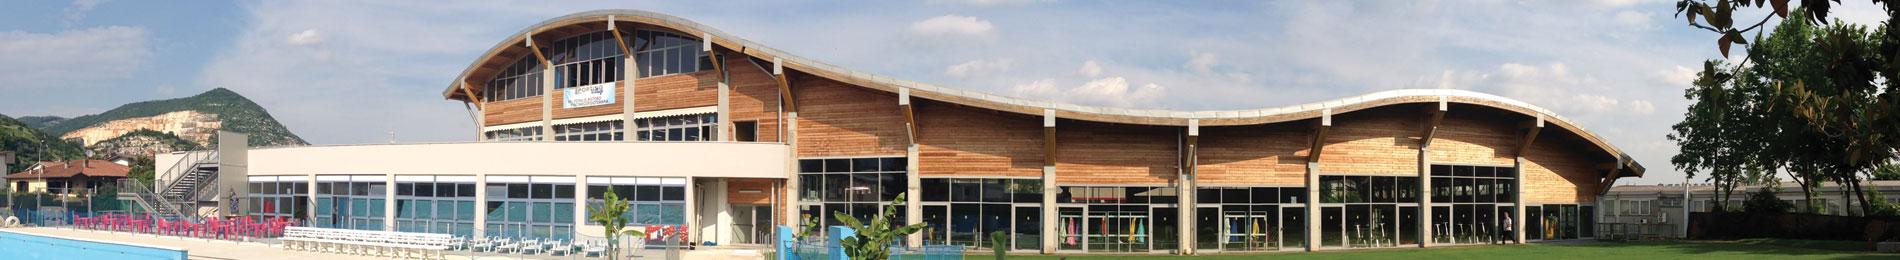 tipiesse-progettazione-e-realizzazione-impianti-sportivi-coperture-in-legno